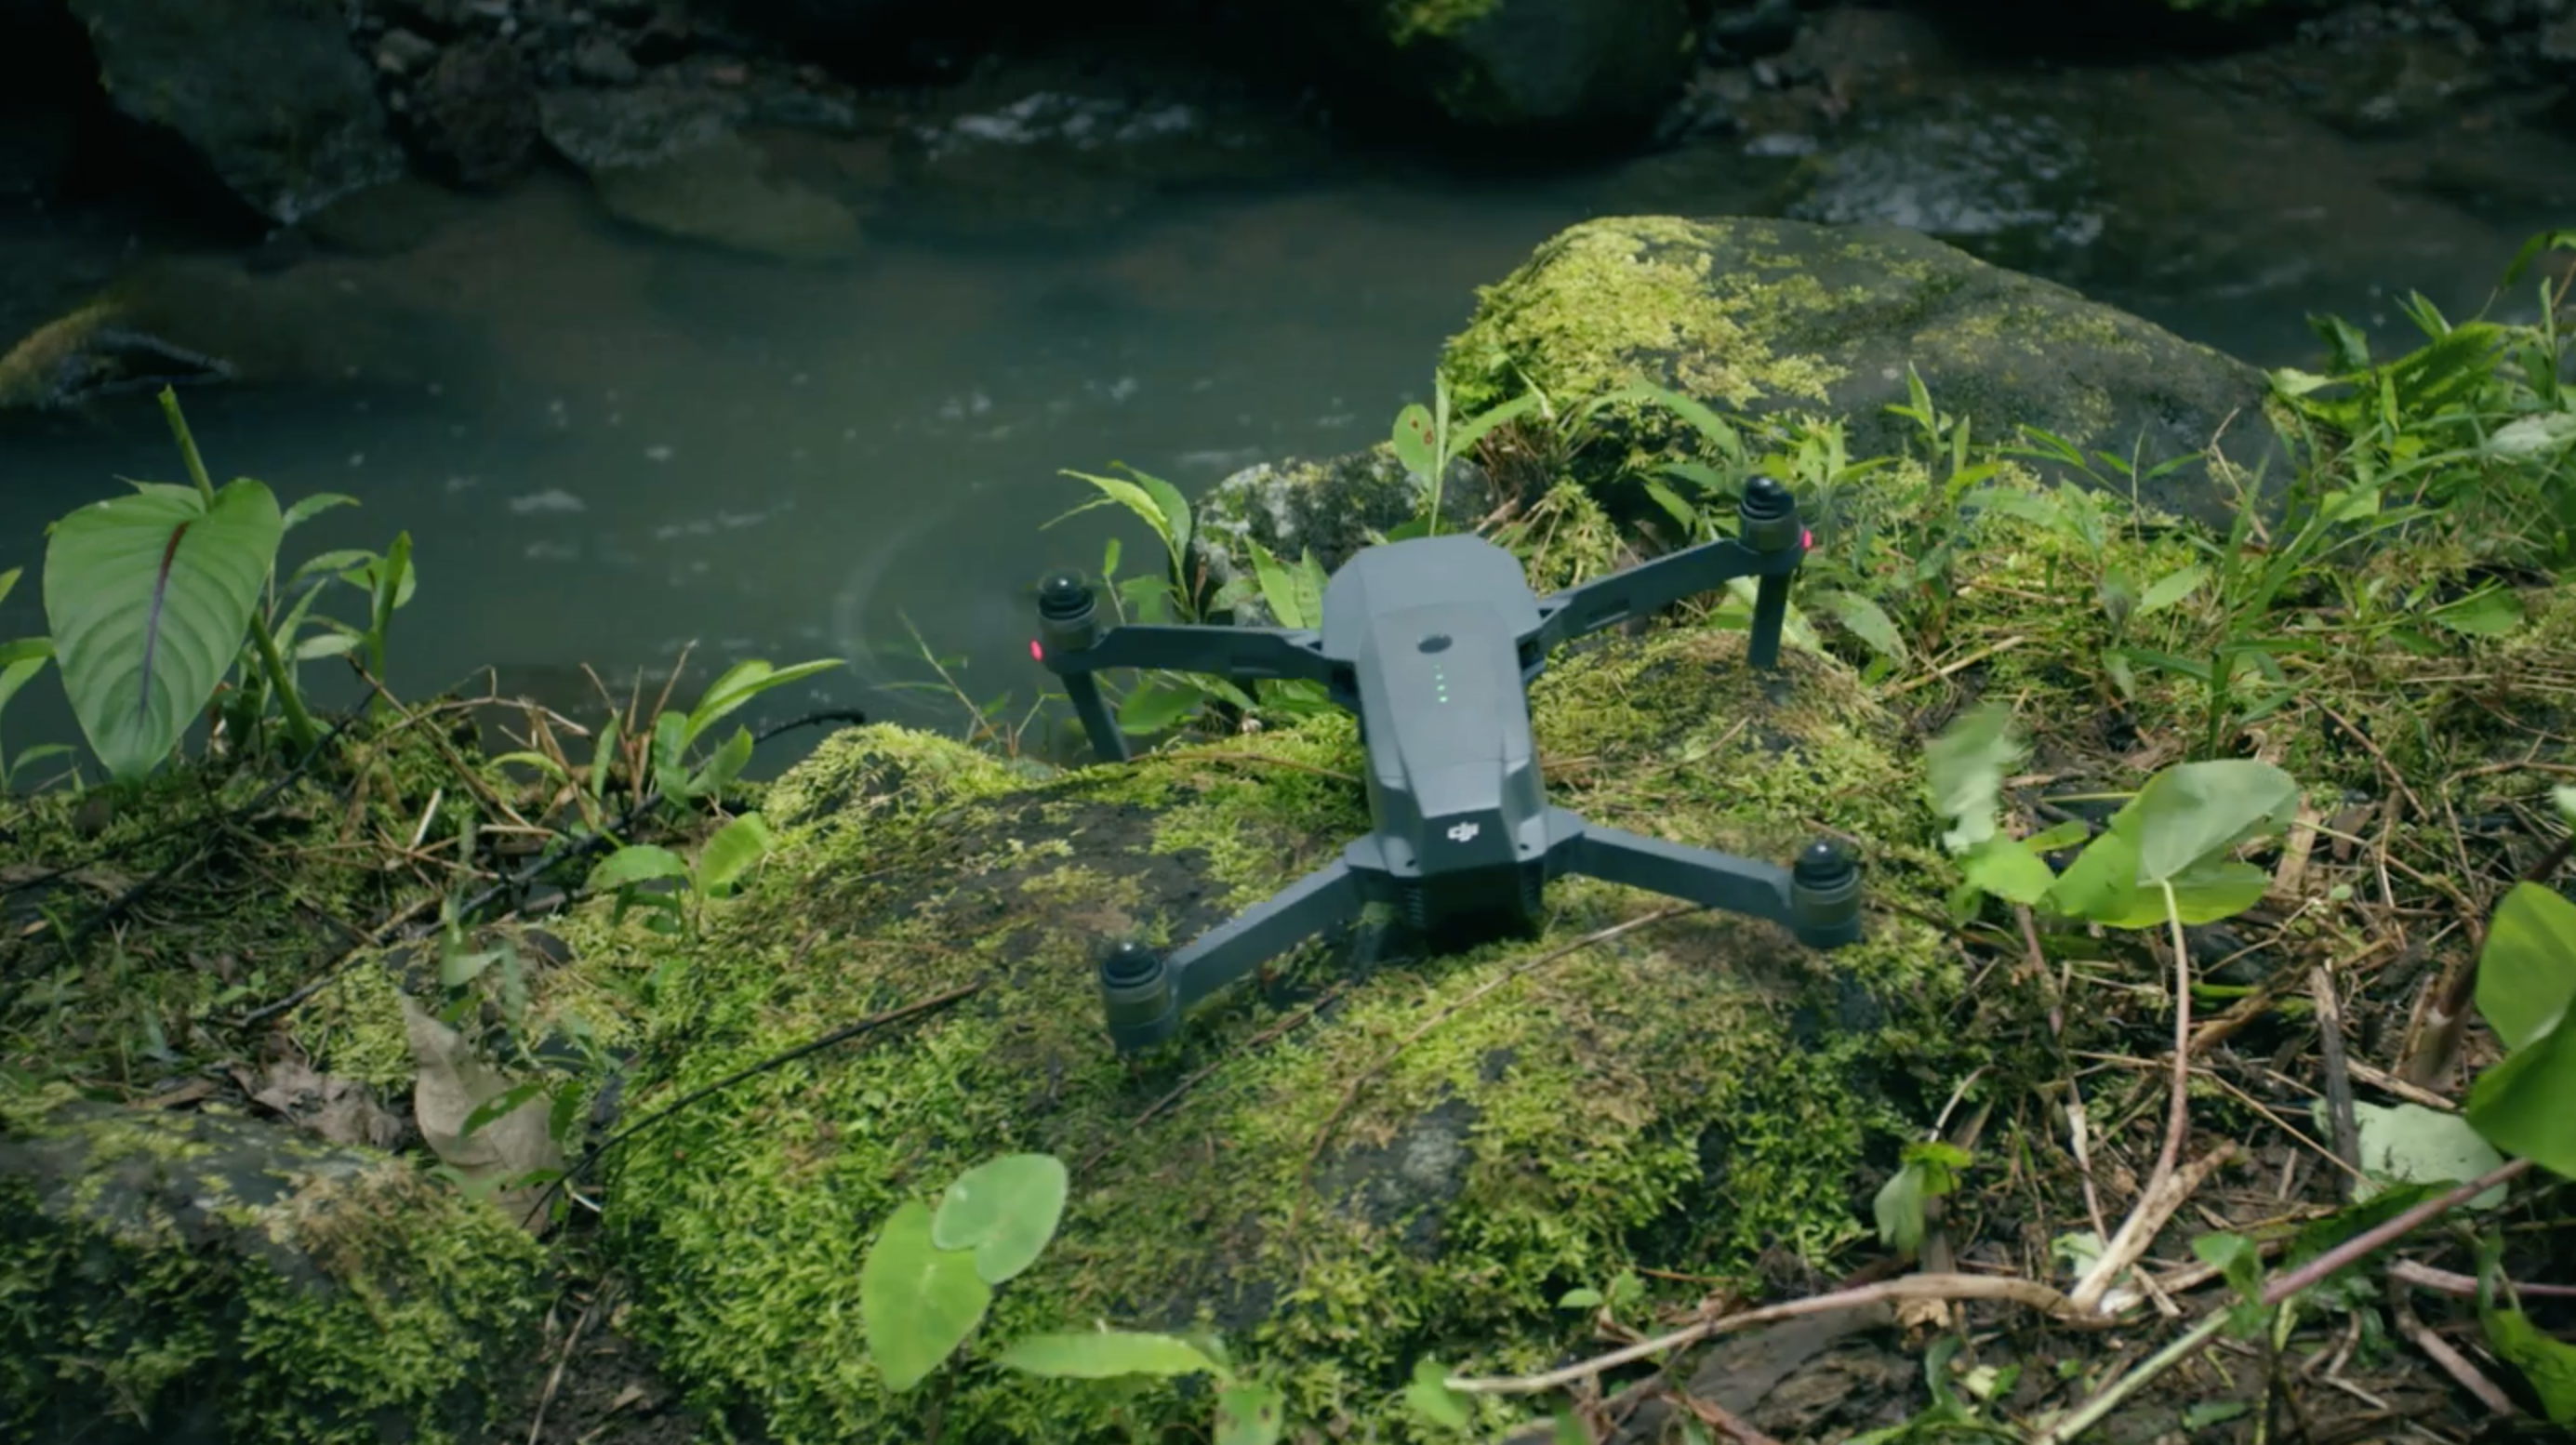 Mavic er DJIs kompakte, sammenleggbare drone